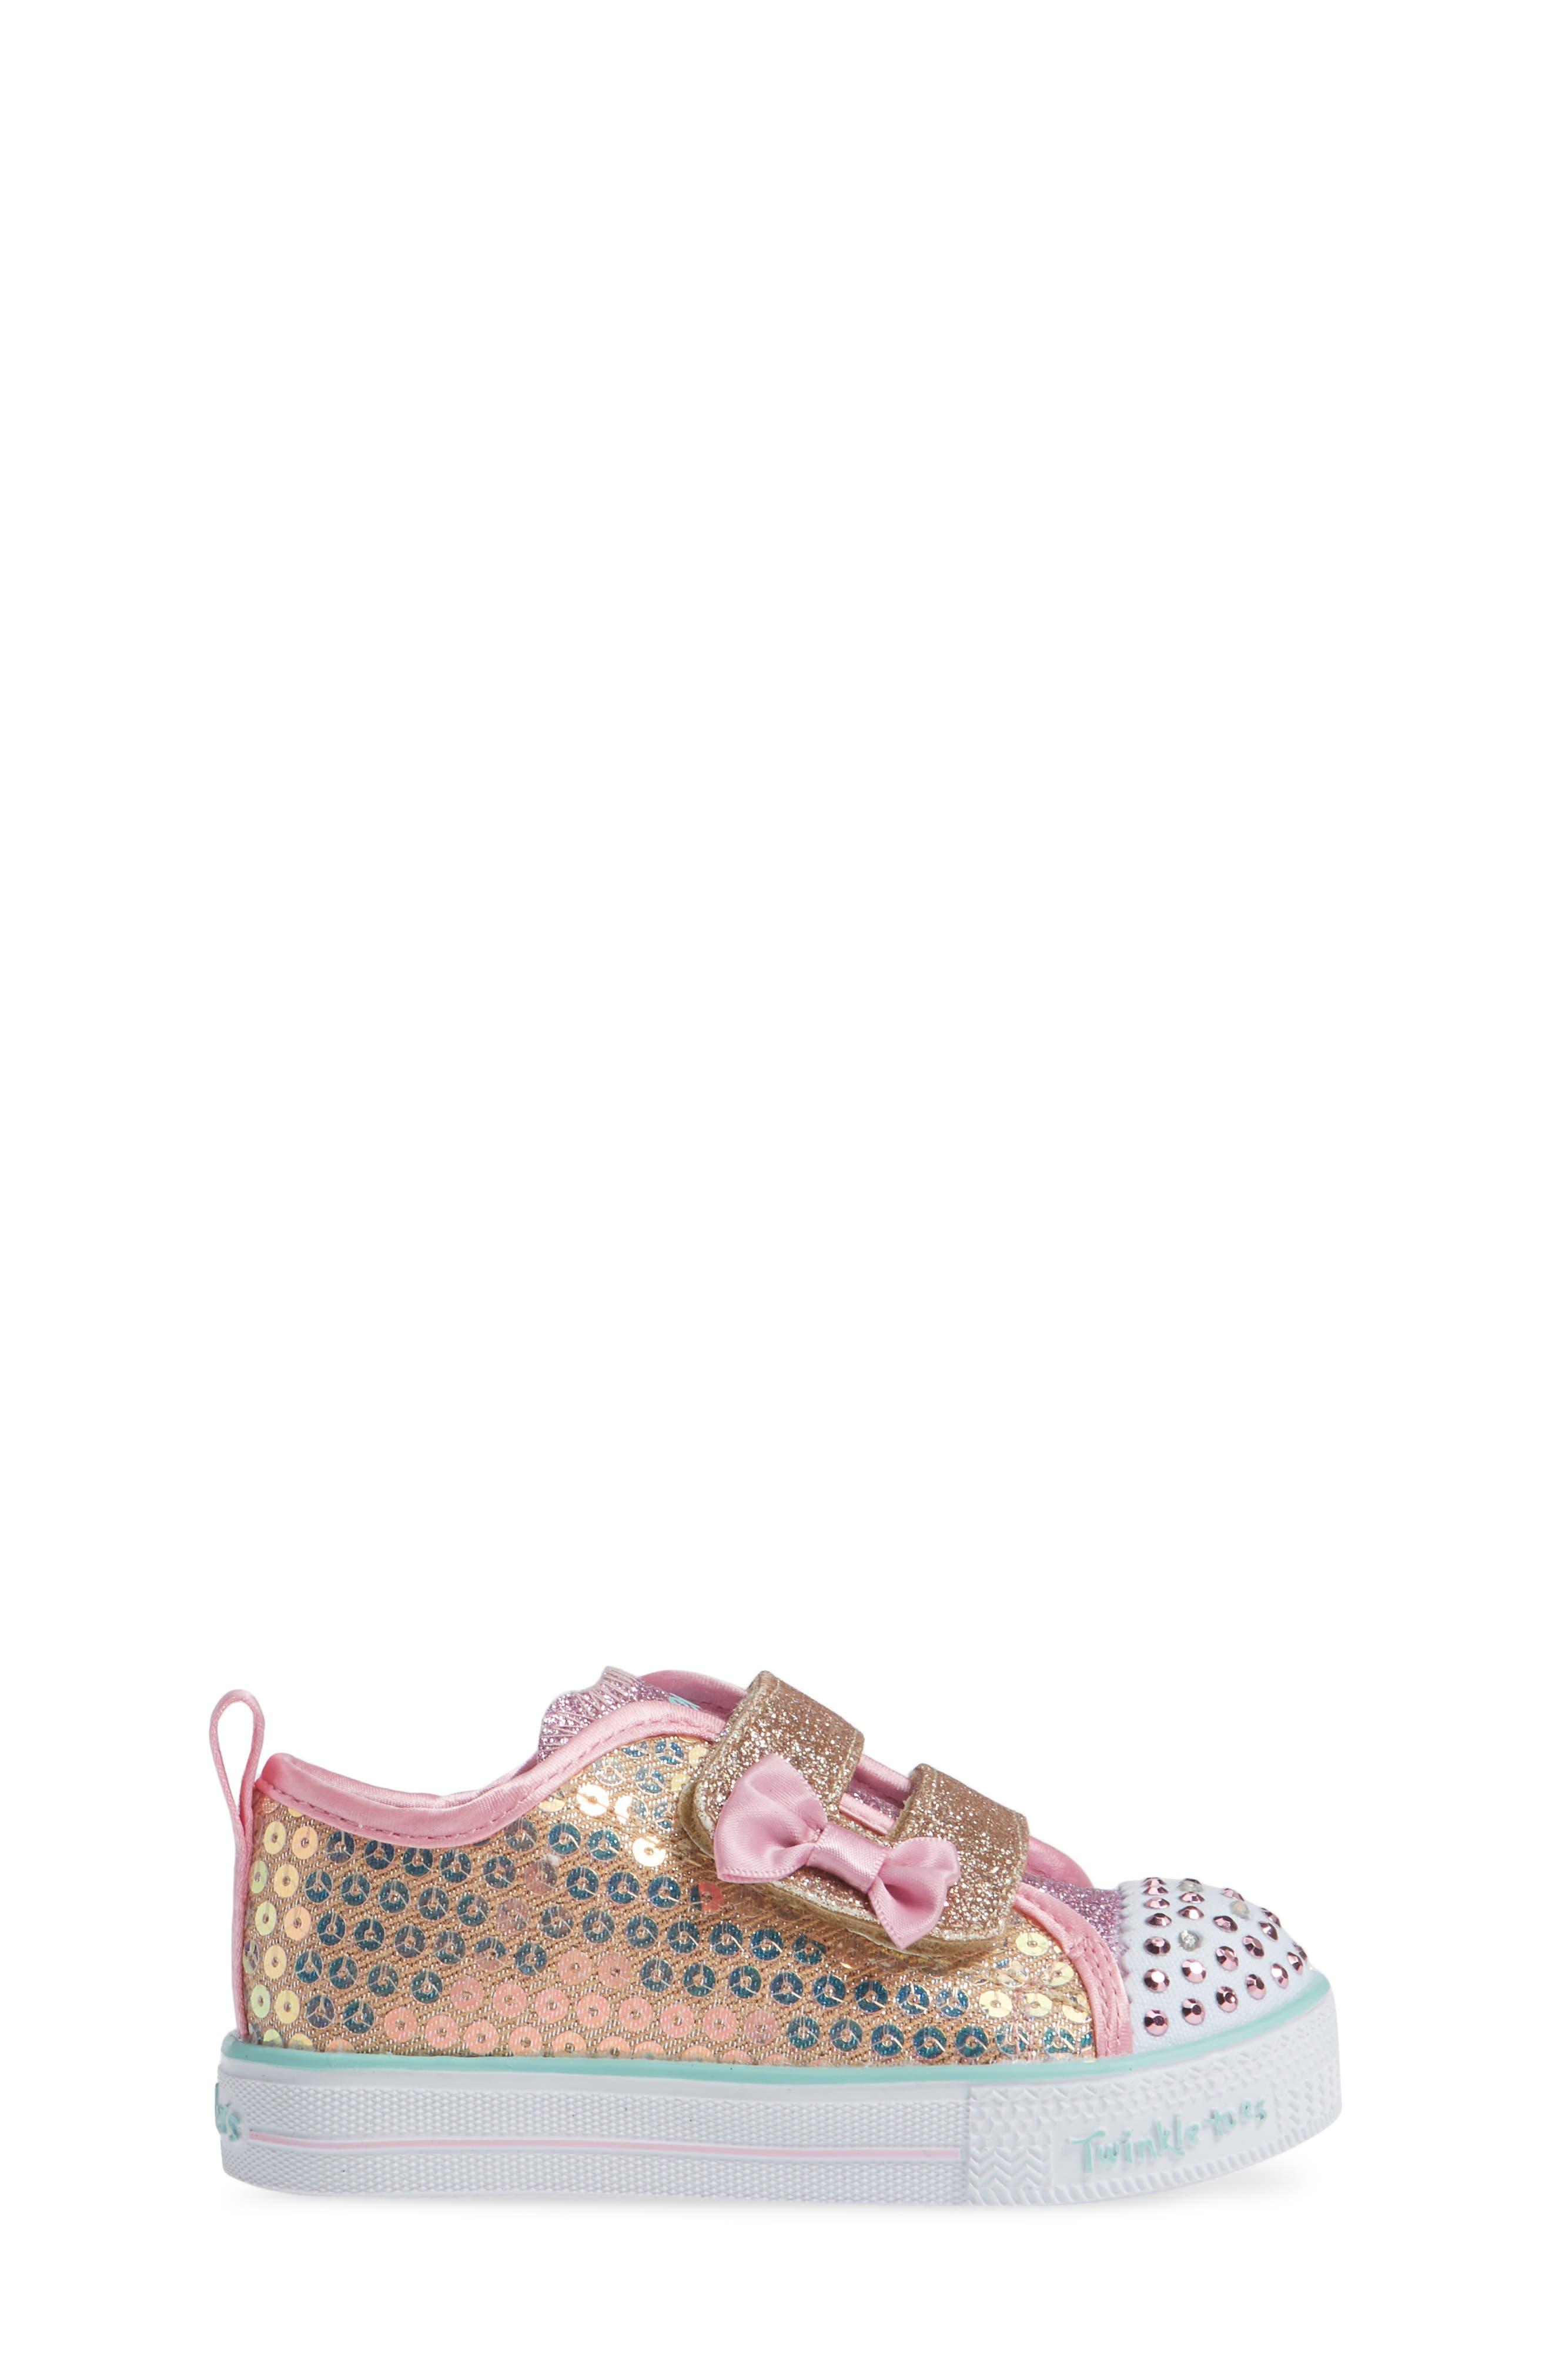 Shuffle Lite Glitter Sneaker,                             Alternate thumbnail 3, color,                             GOLD